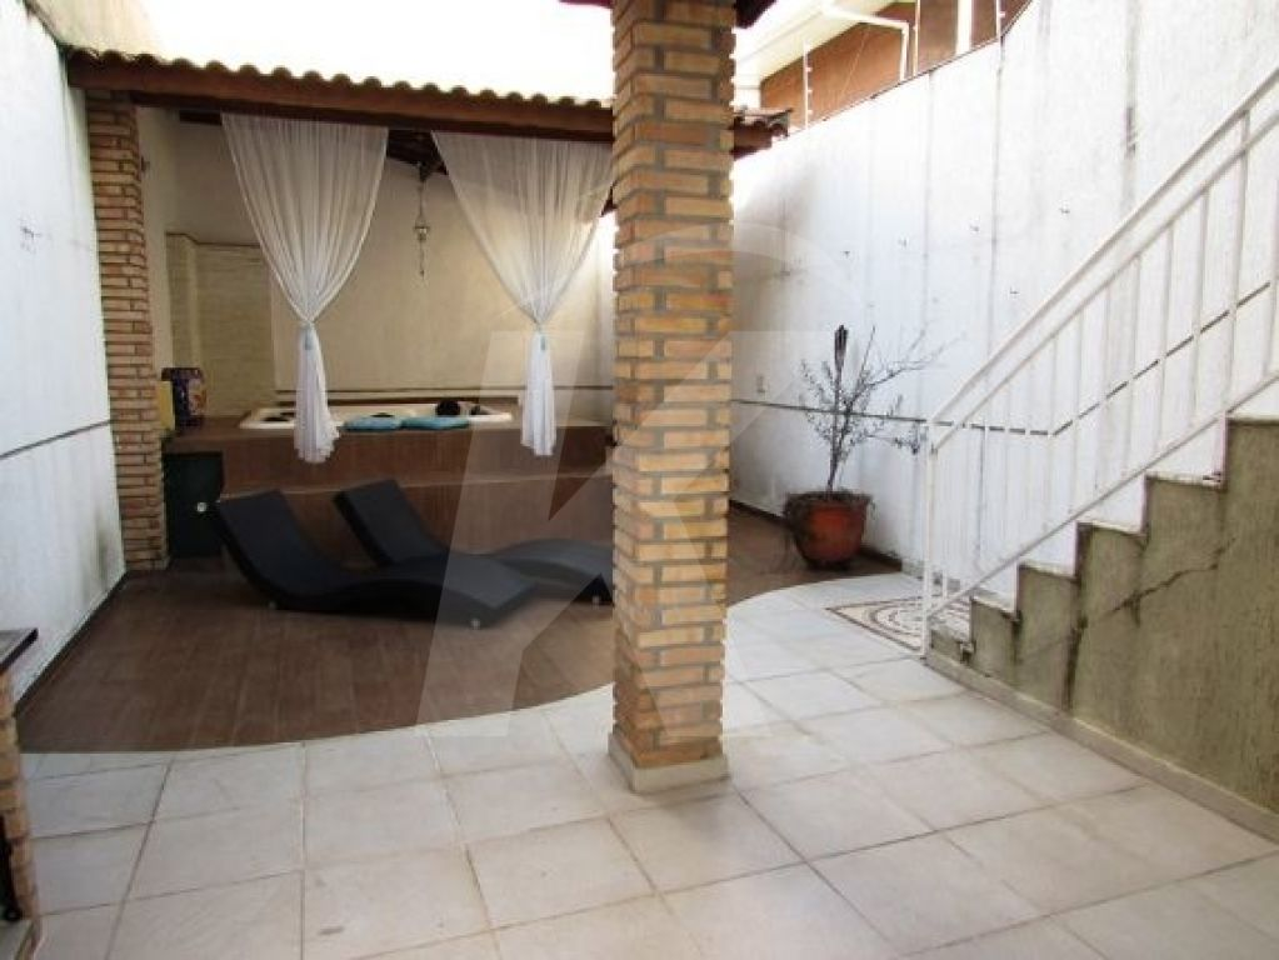 Sobrado Vila Gustavo - 4 Dormitório(s) - São Paulo - SP - REF. KA3660